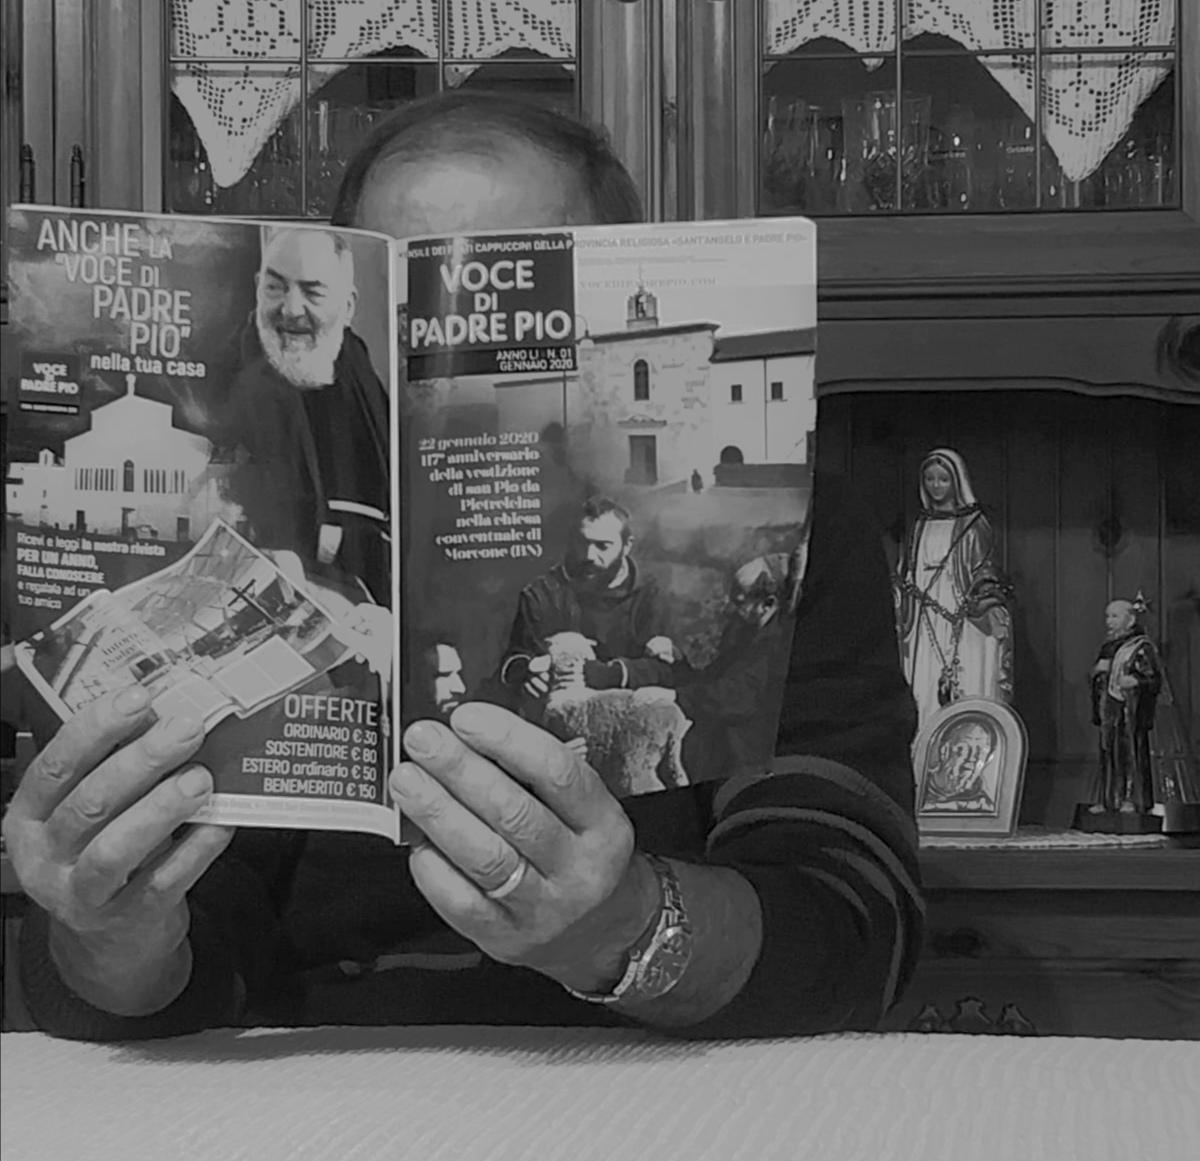 Lettura di una rivista cattolica